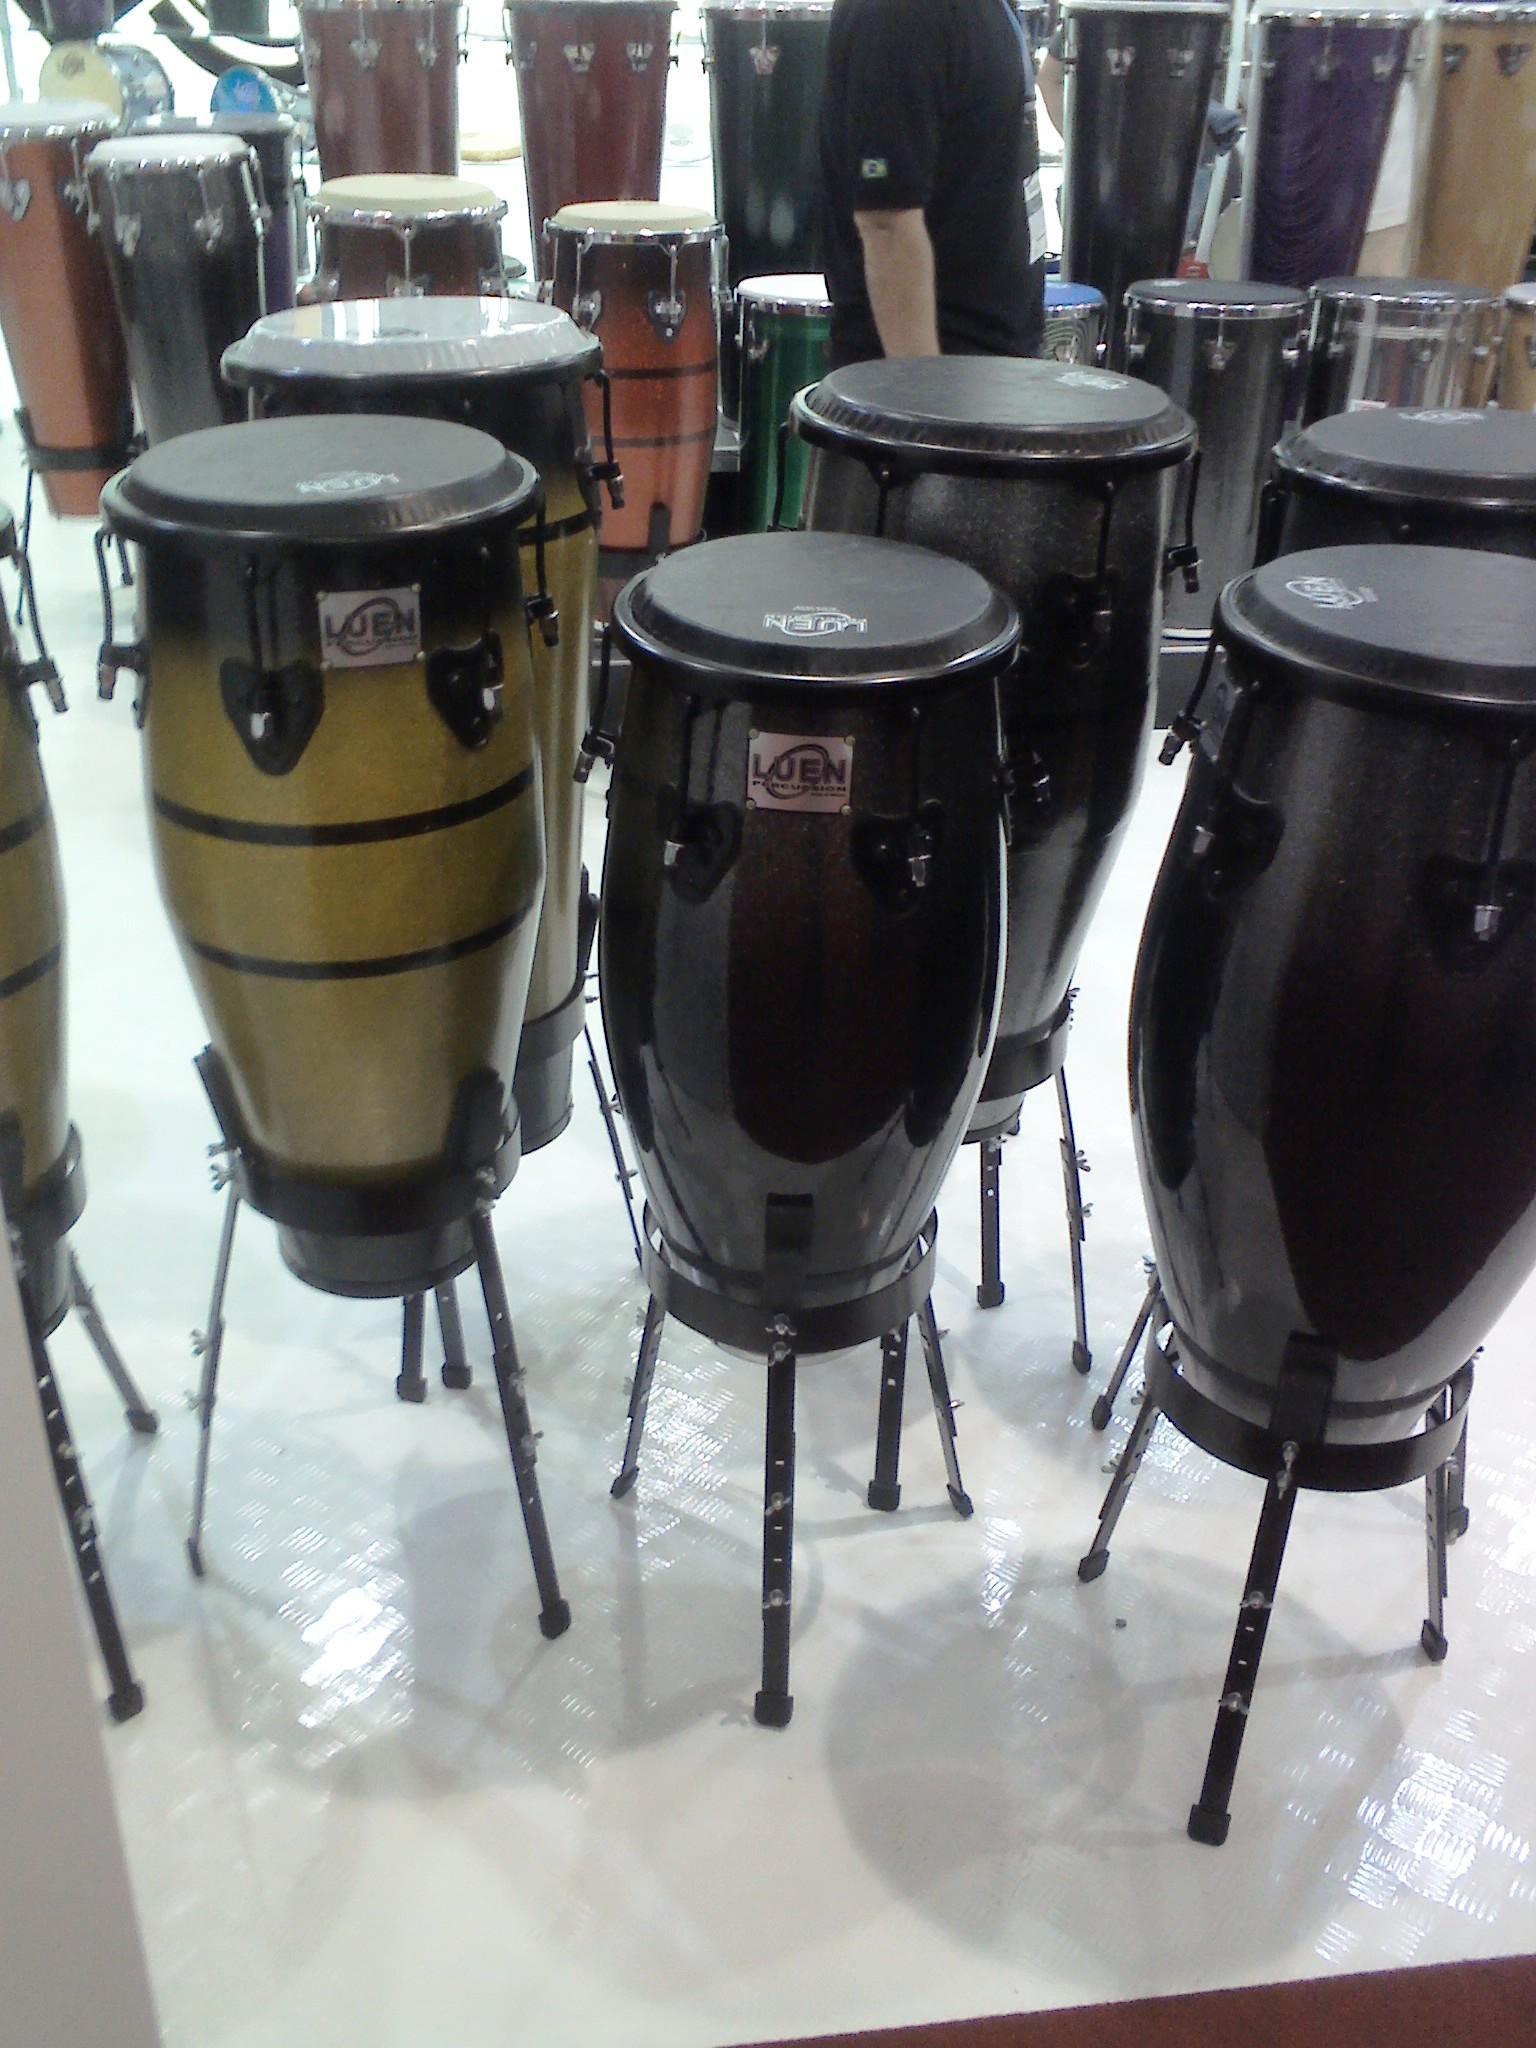 Tambores para chamar chuva! Brincadeira, eu adoro esse instrumento!